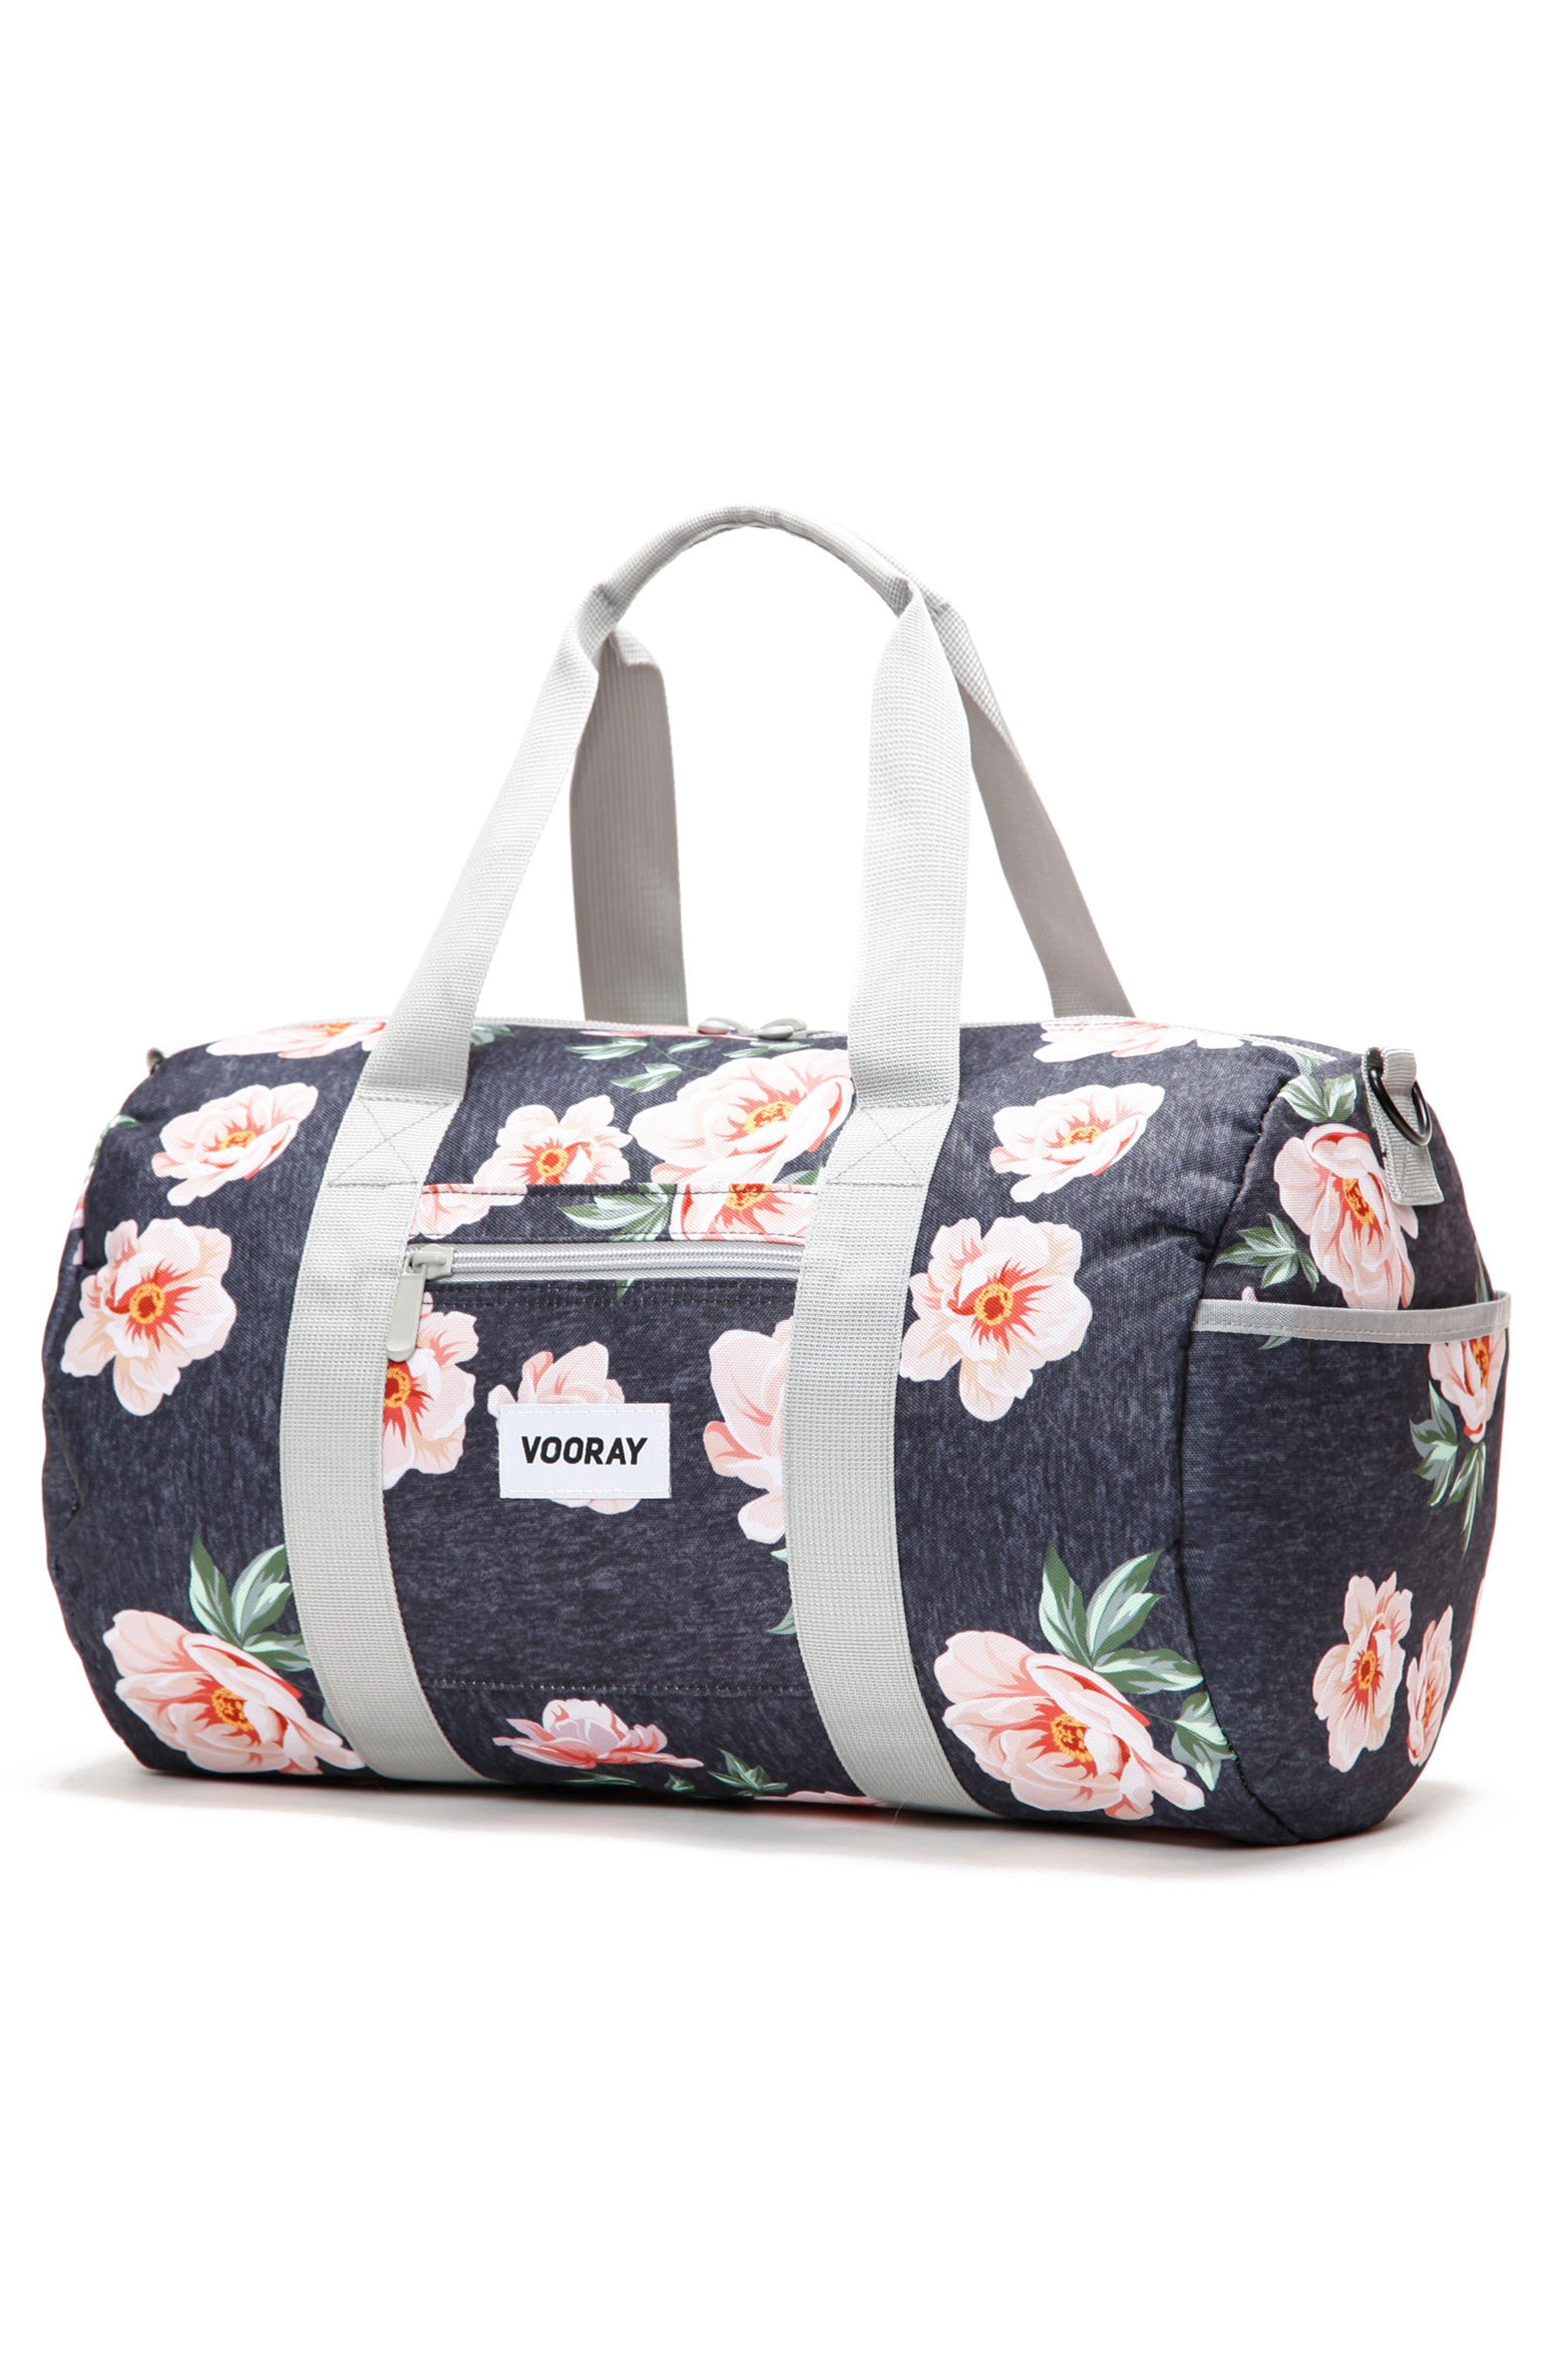 Roadie Small Duffel Bag,                             Alternate thumbnail 2, color,                             Rose Navy